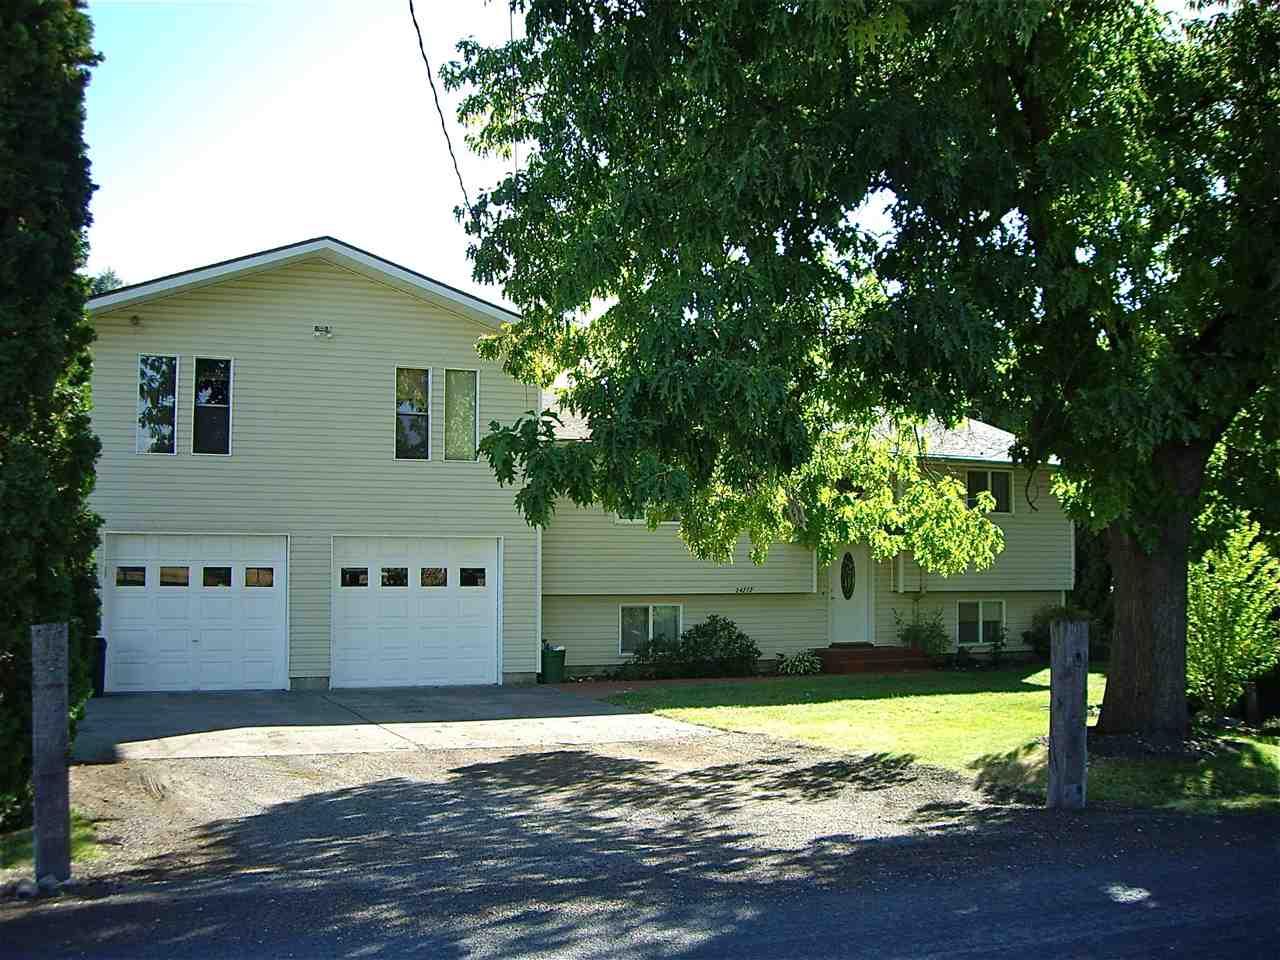 Single Family Home for Sale at 24212 E Joseph Avenue 24212 E Joseph Avenue Otis Orchards, Washington 99027 United States